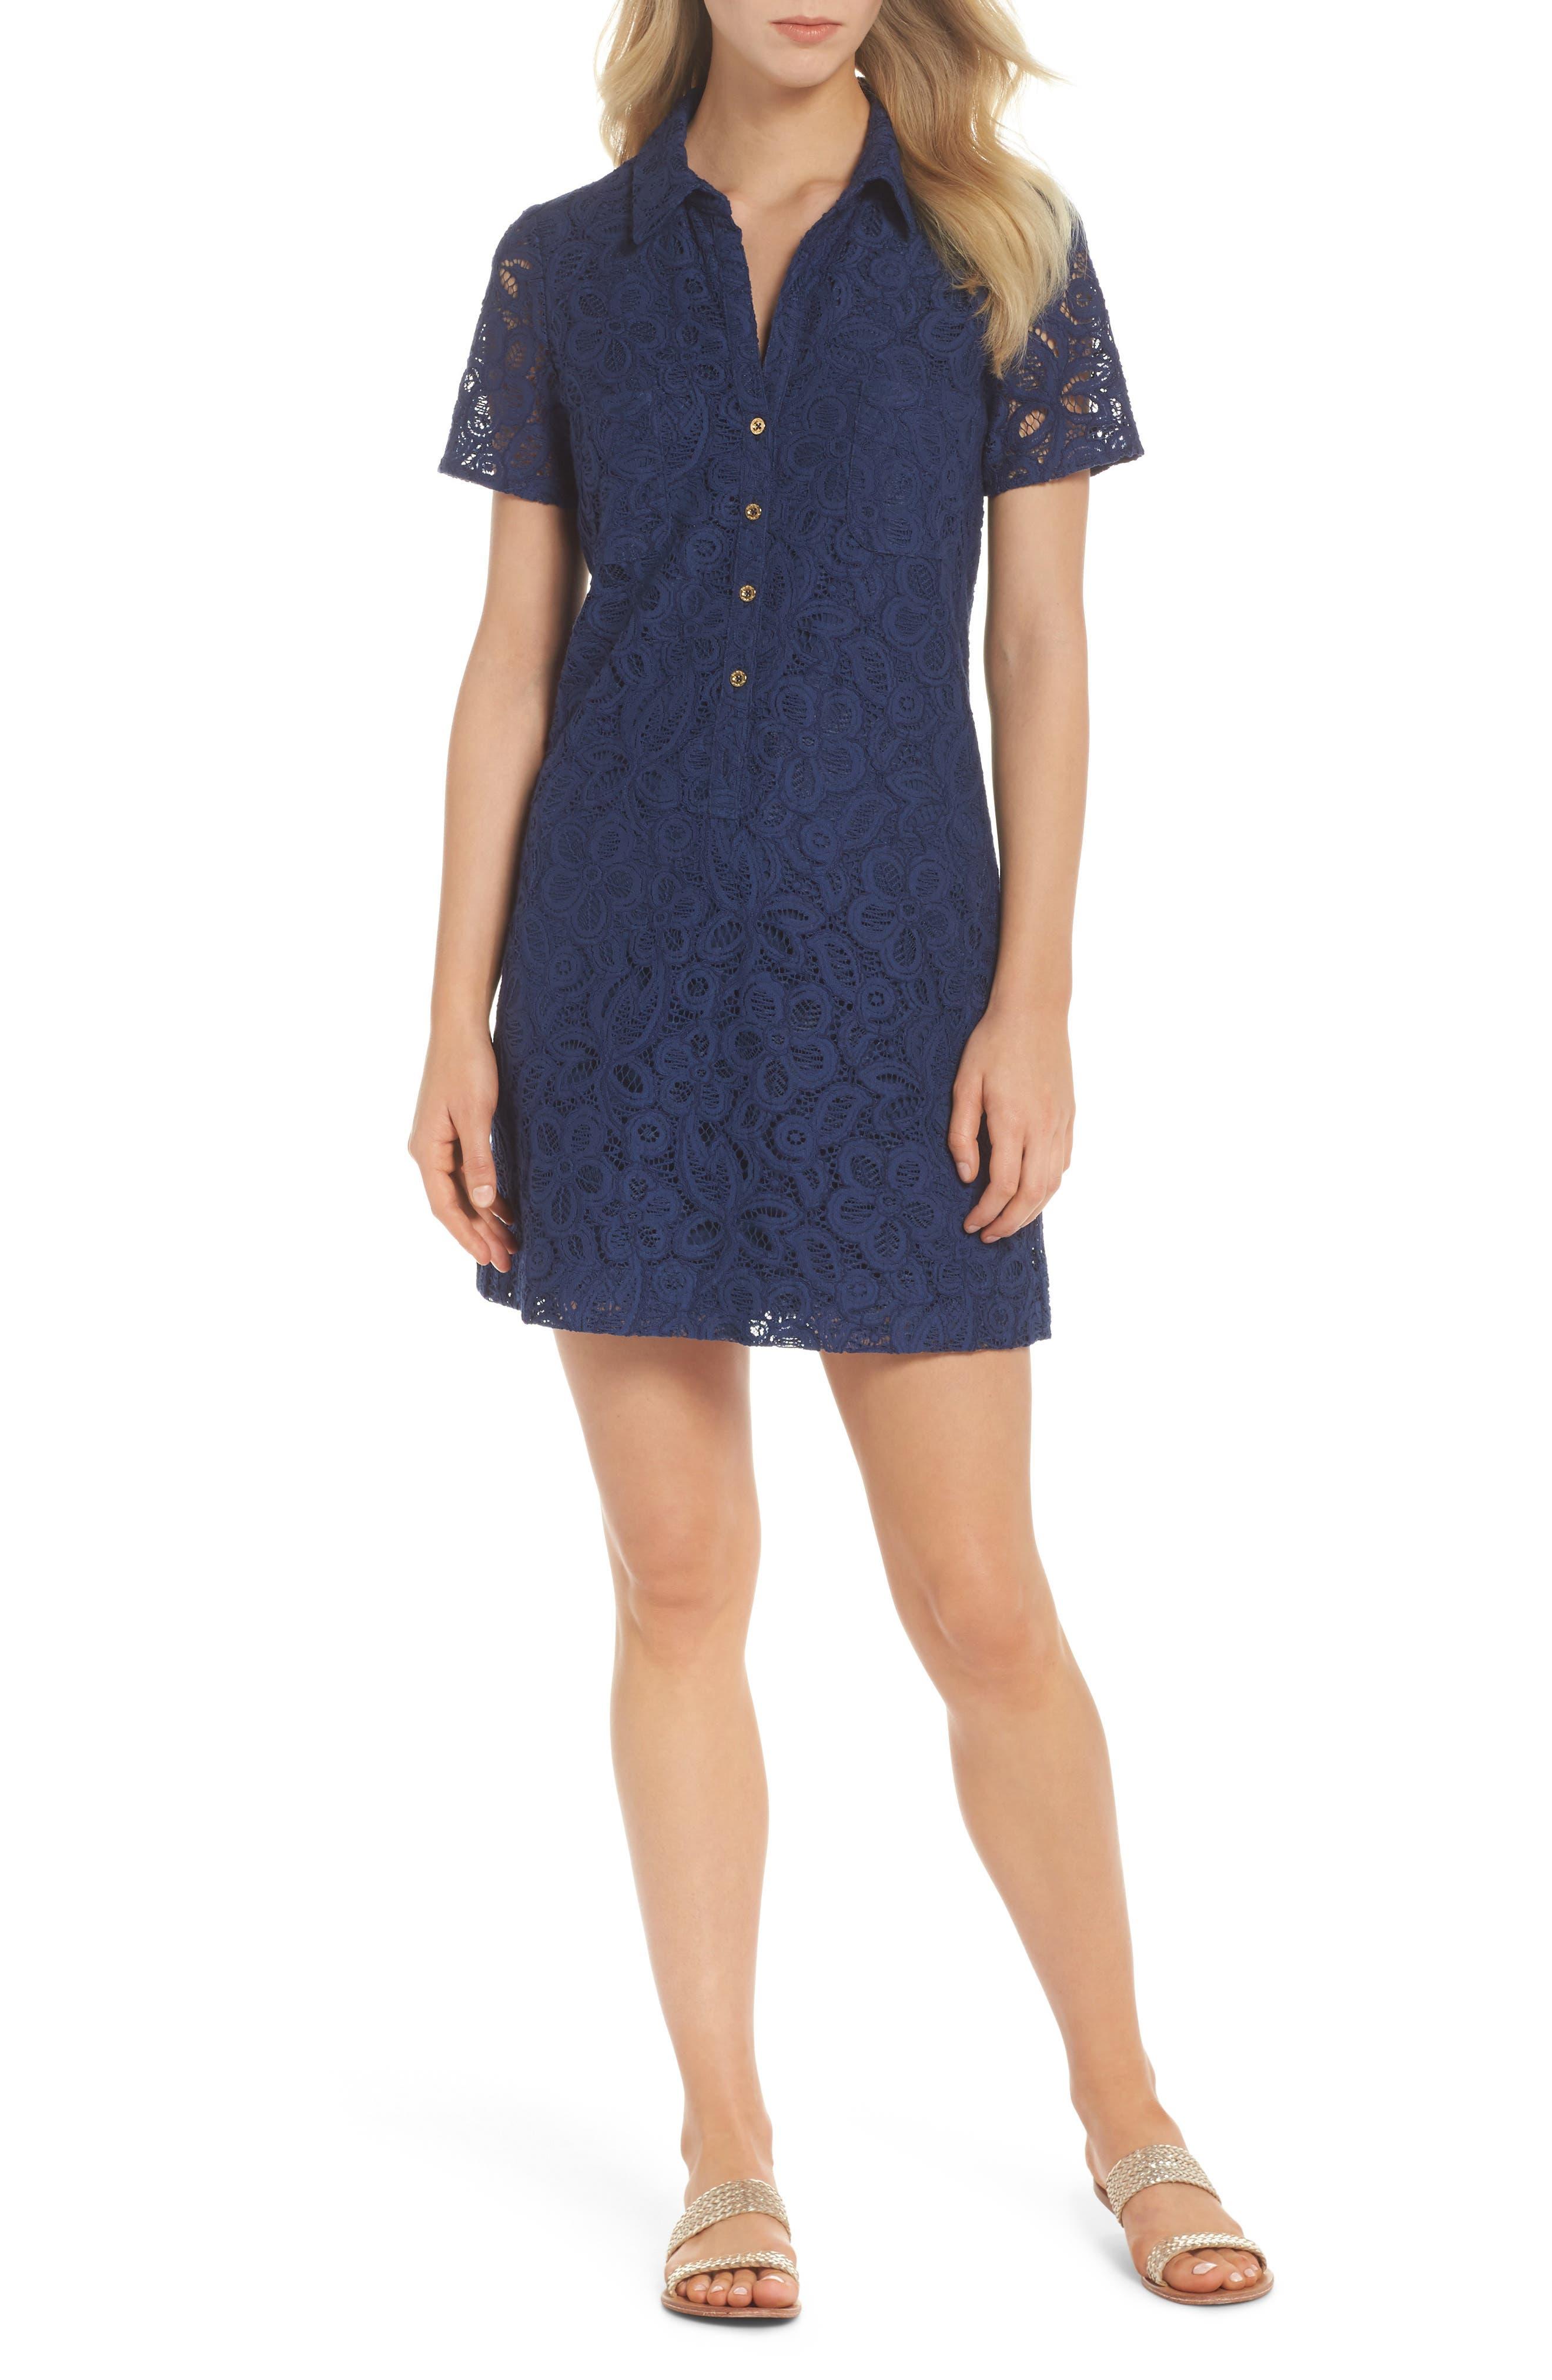 Nelle Shirtdress,                         Main,                         color, High Tide Floral Pop Lace